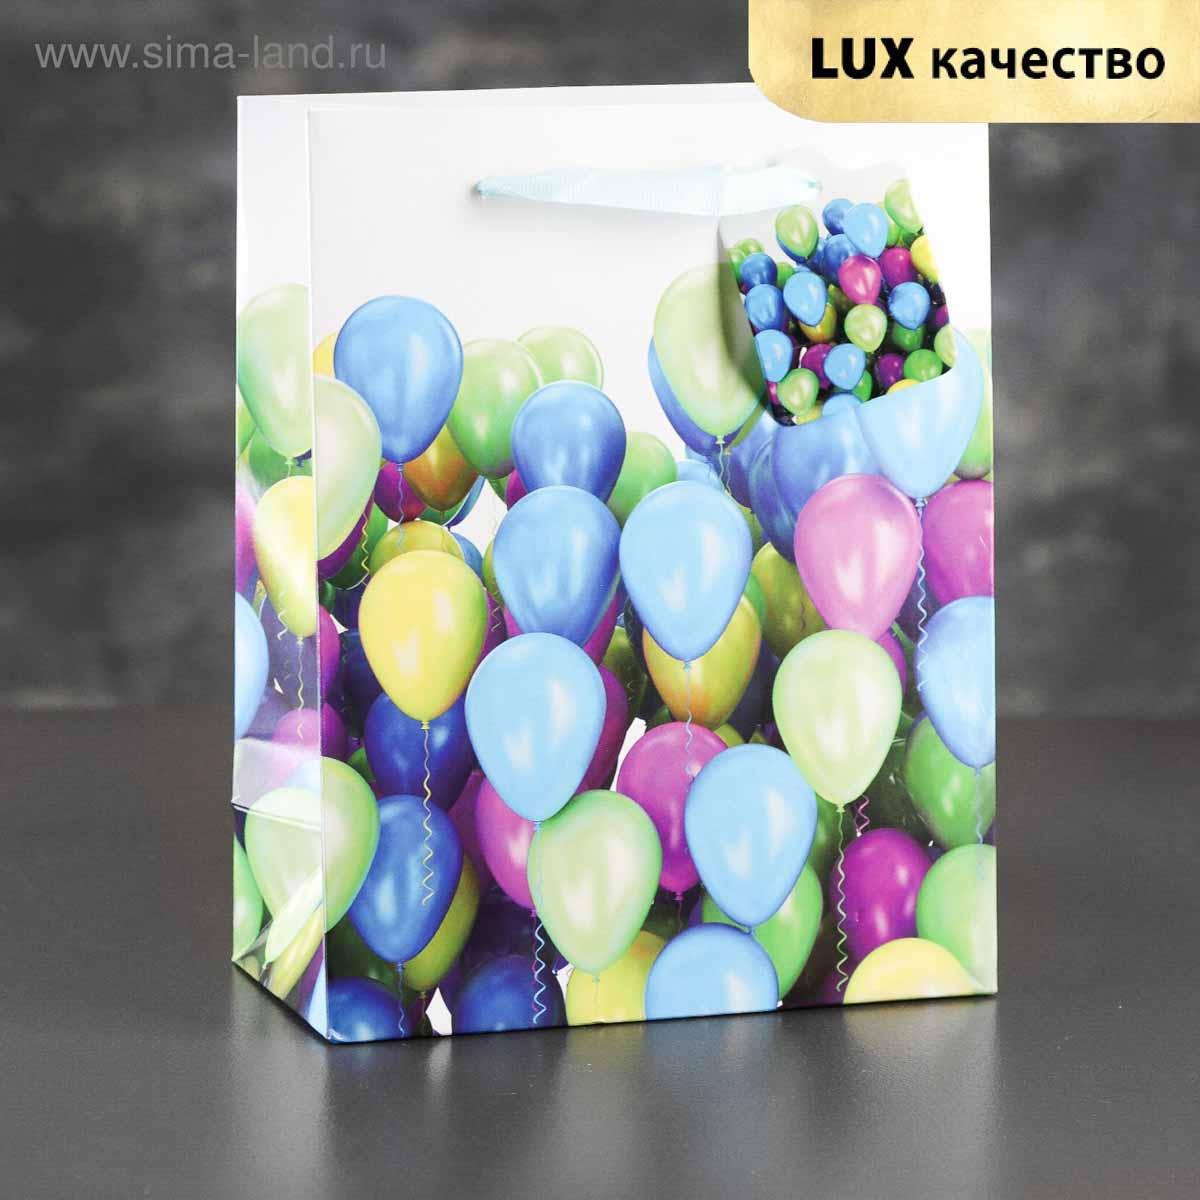 2871273 Пакет ламинированный 'Разноцветные шарики', люкс 23*18*9 см